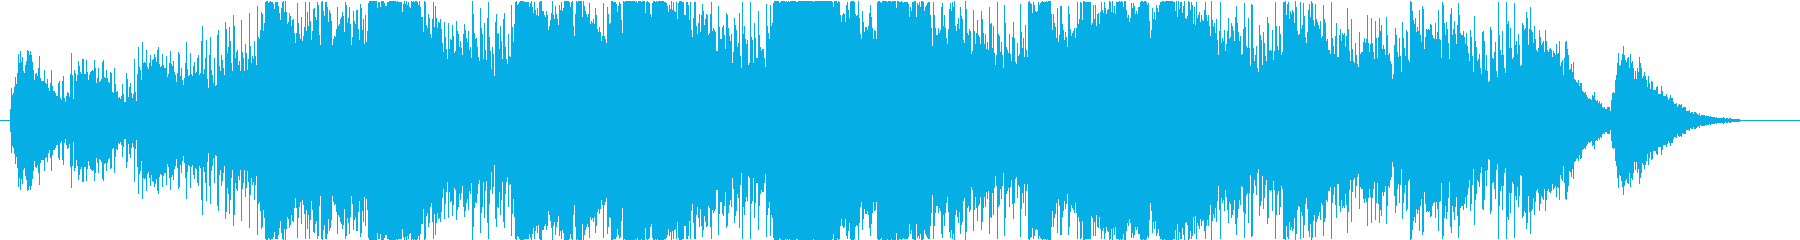 ゆったりと爽やかなサックスBGMの再生済みの波形